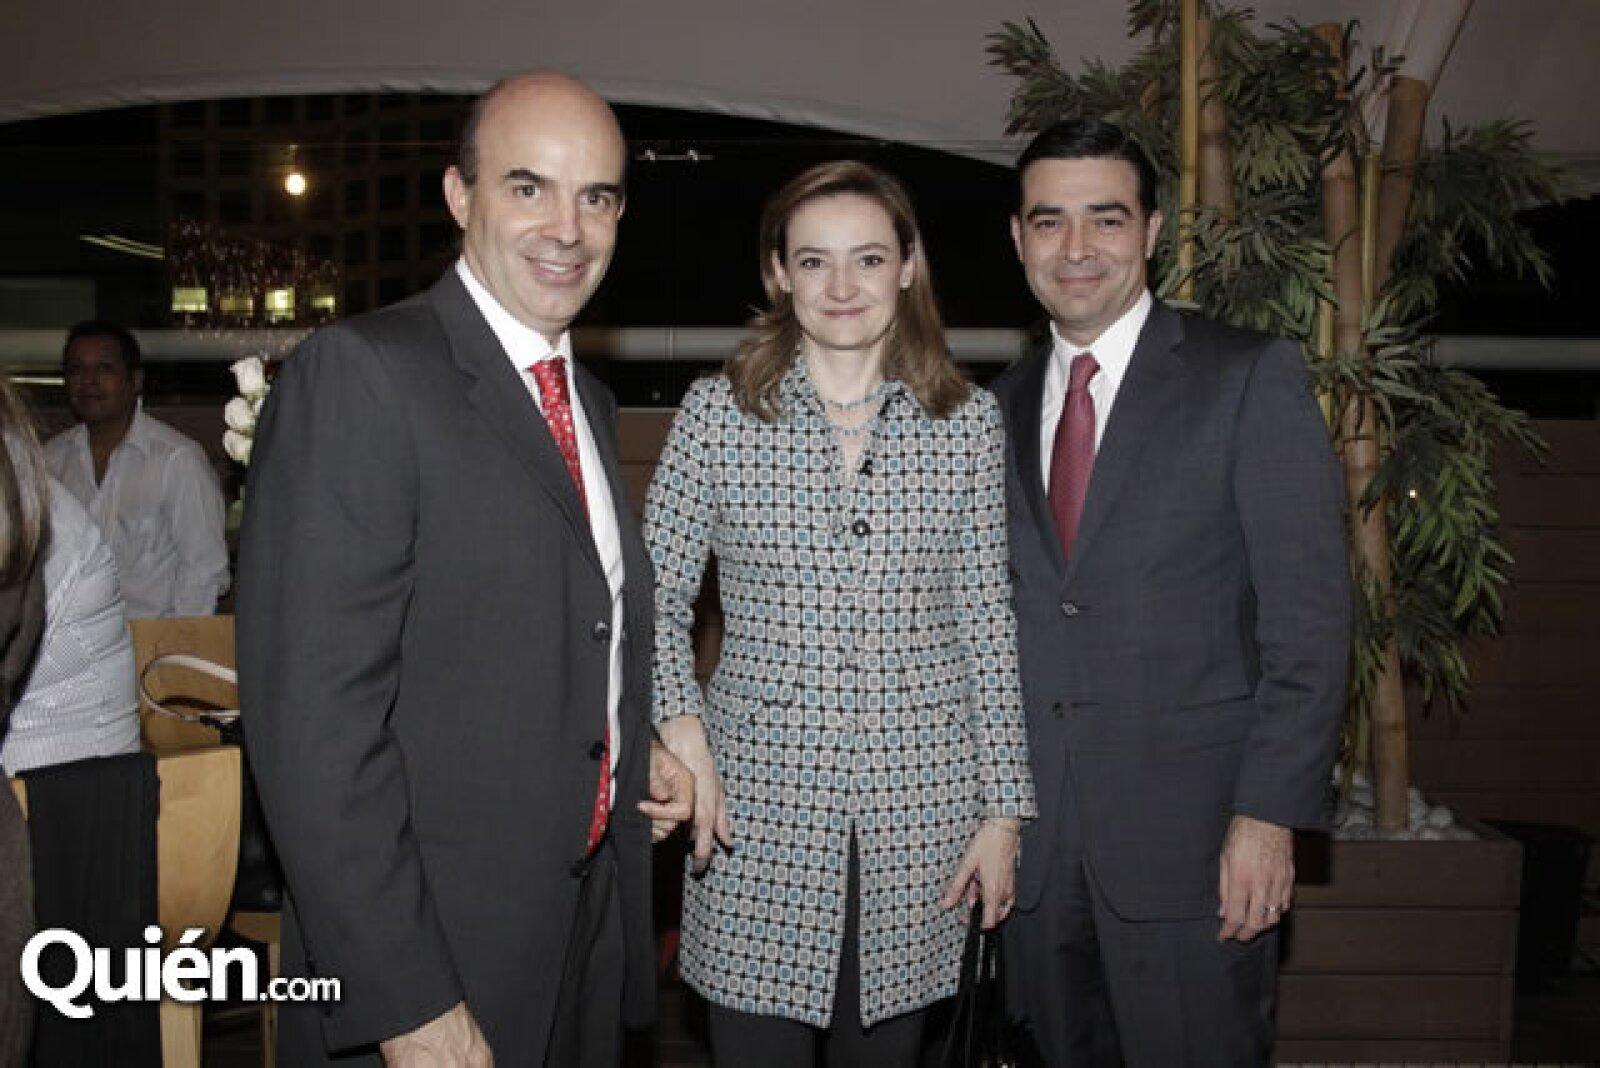 Ignacio Zorrilla, Rosa Elena y José Antonio Alonso